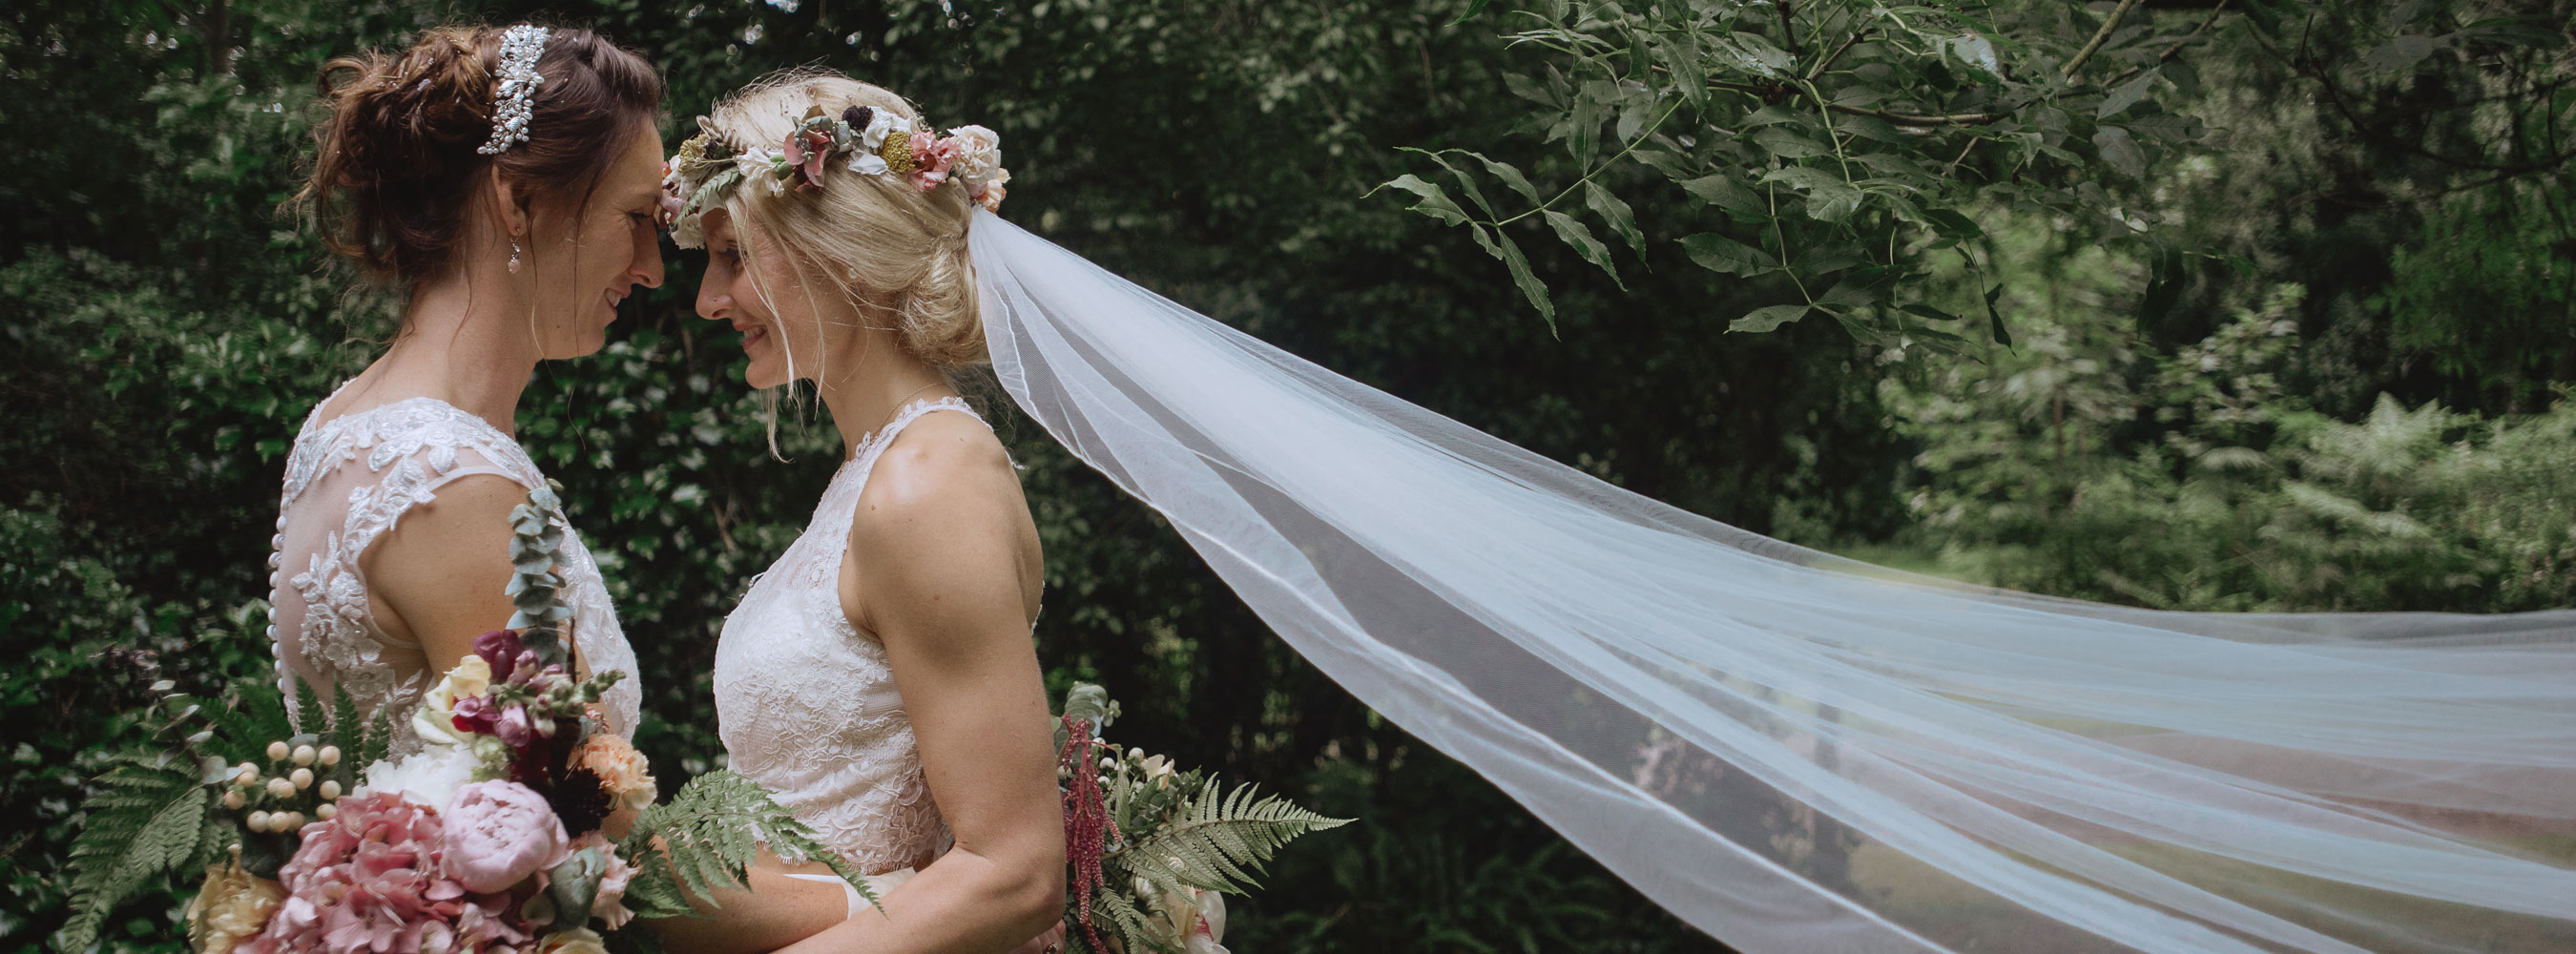 Gay Woodland Wedding